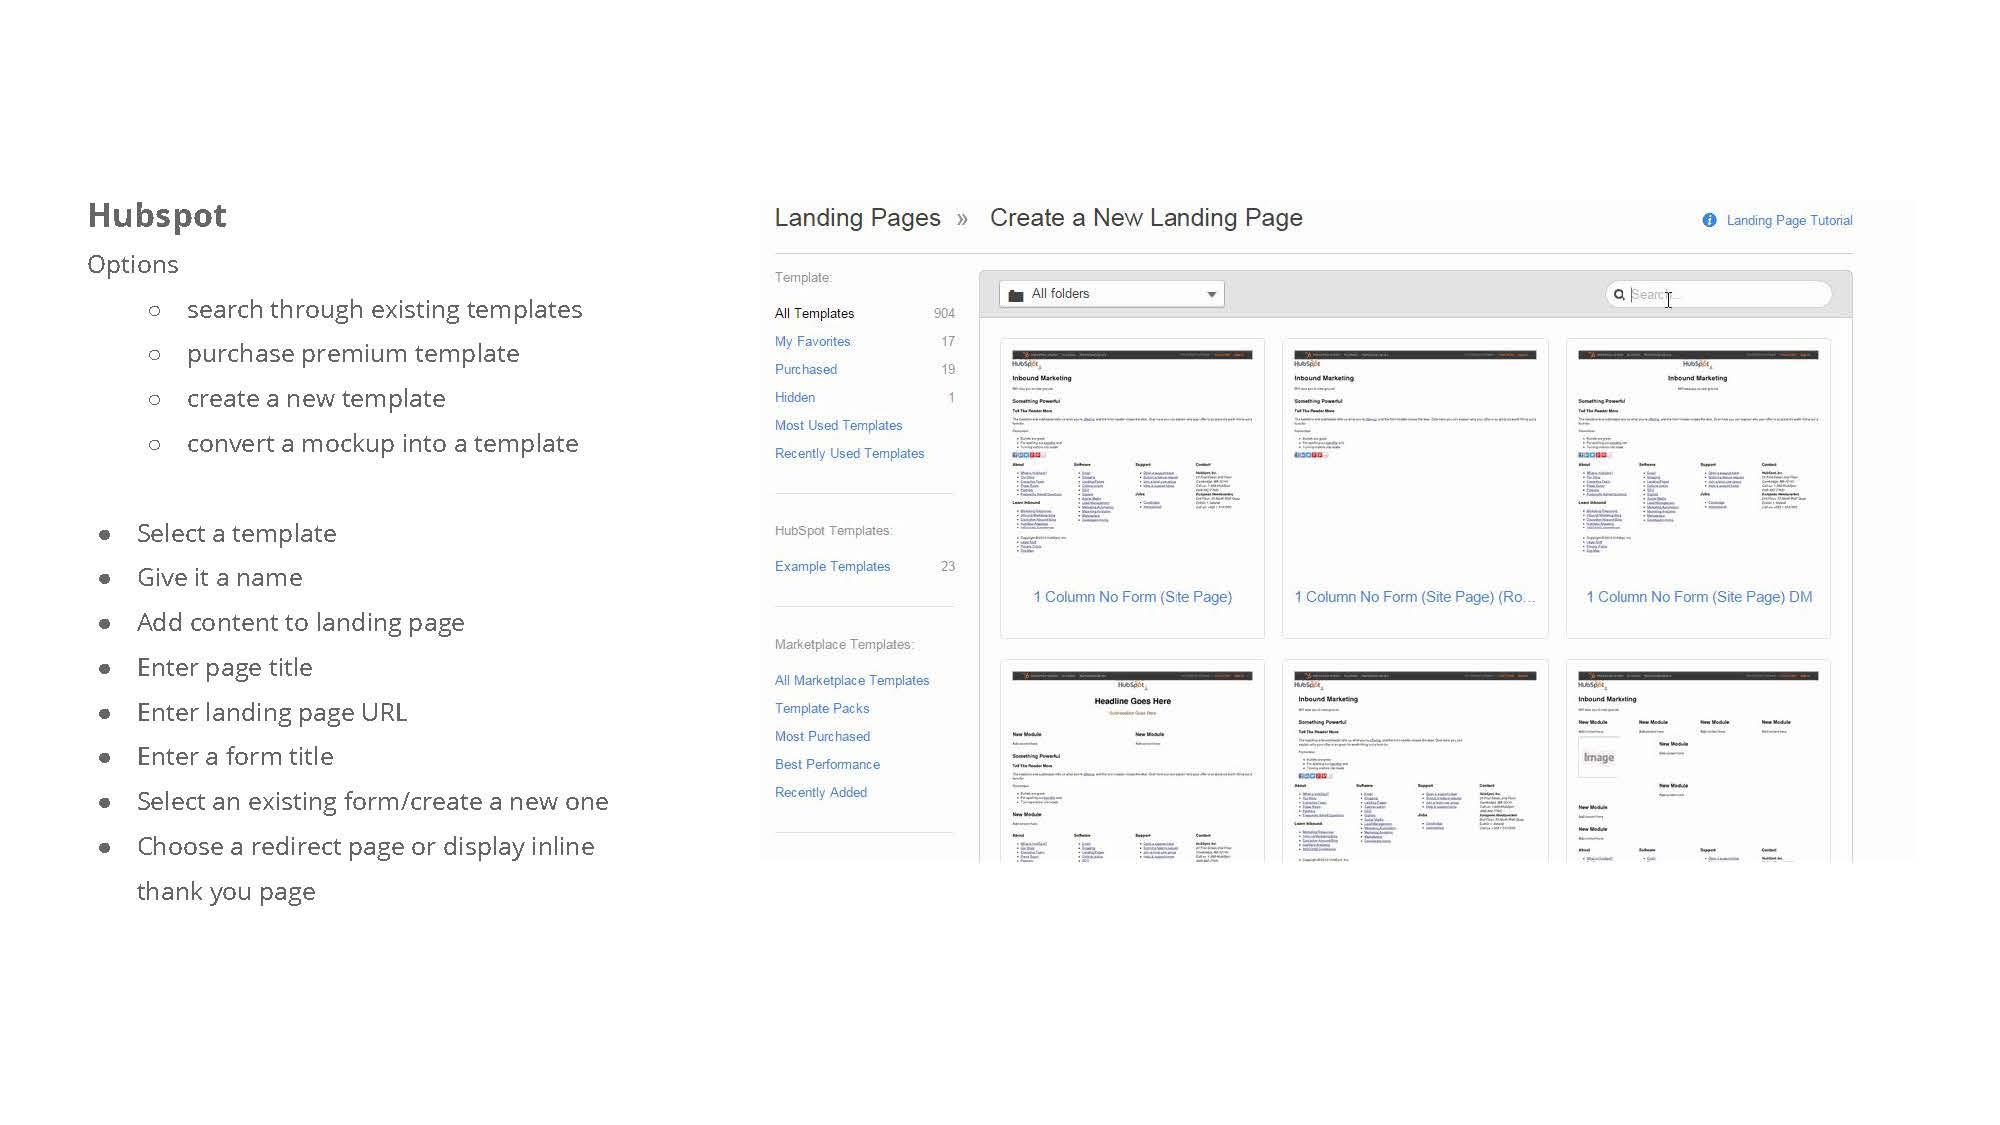 RSG_Page_40.jpg